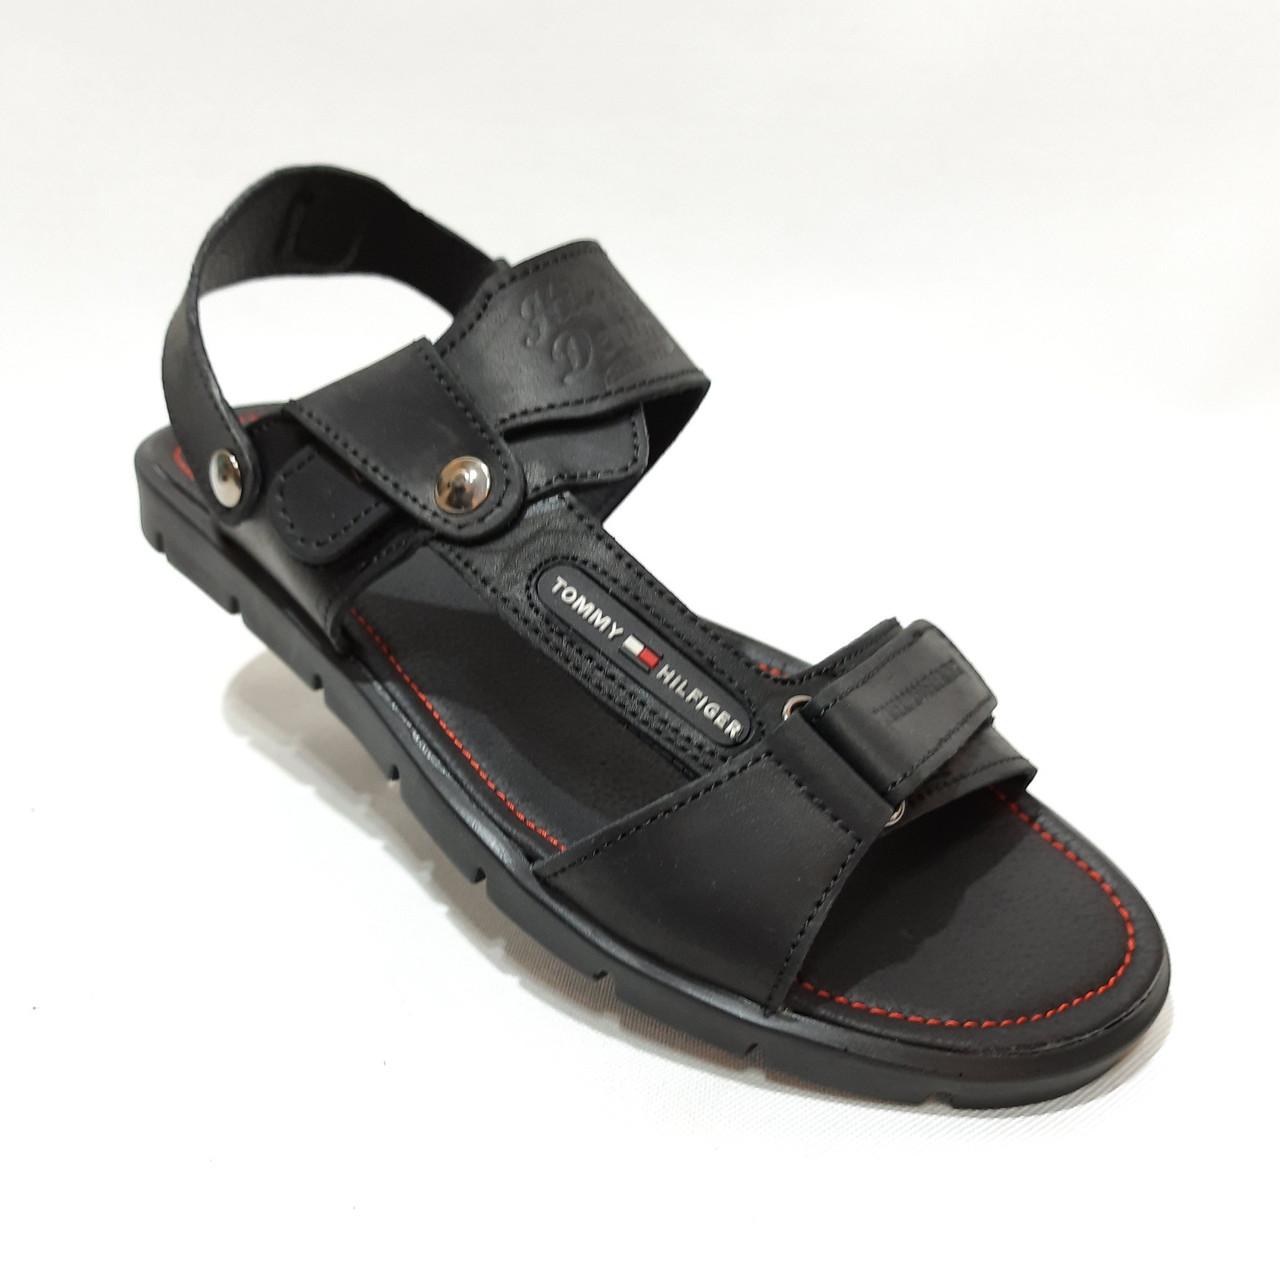 41,43,44,45 р  Мужские кожаные сандалии отличного качества